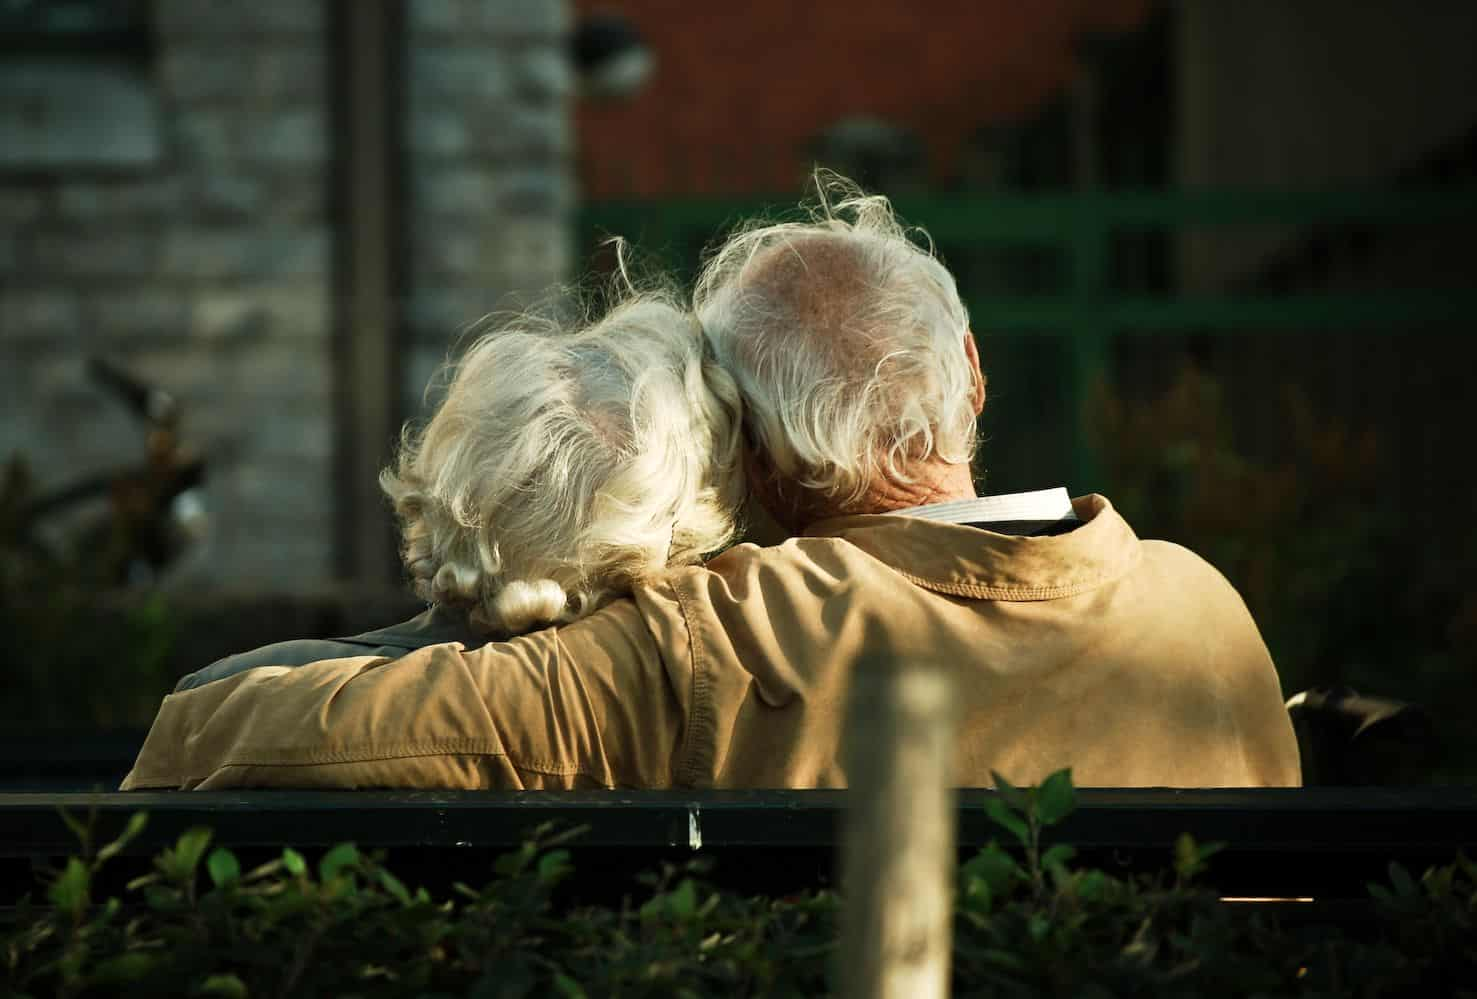 זוג מבוגר, ספסל, חיבוק